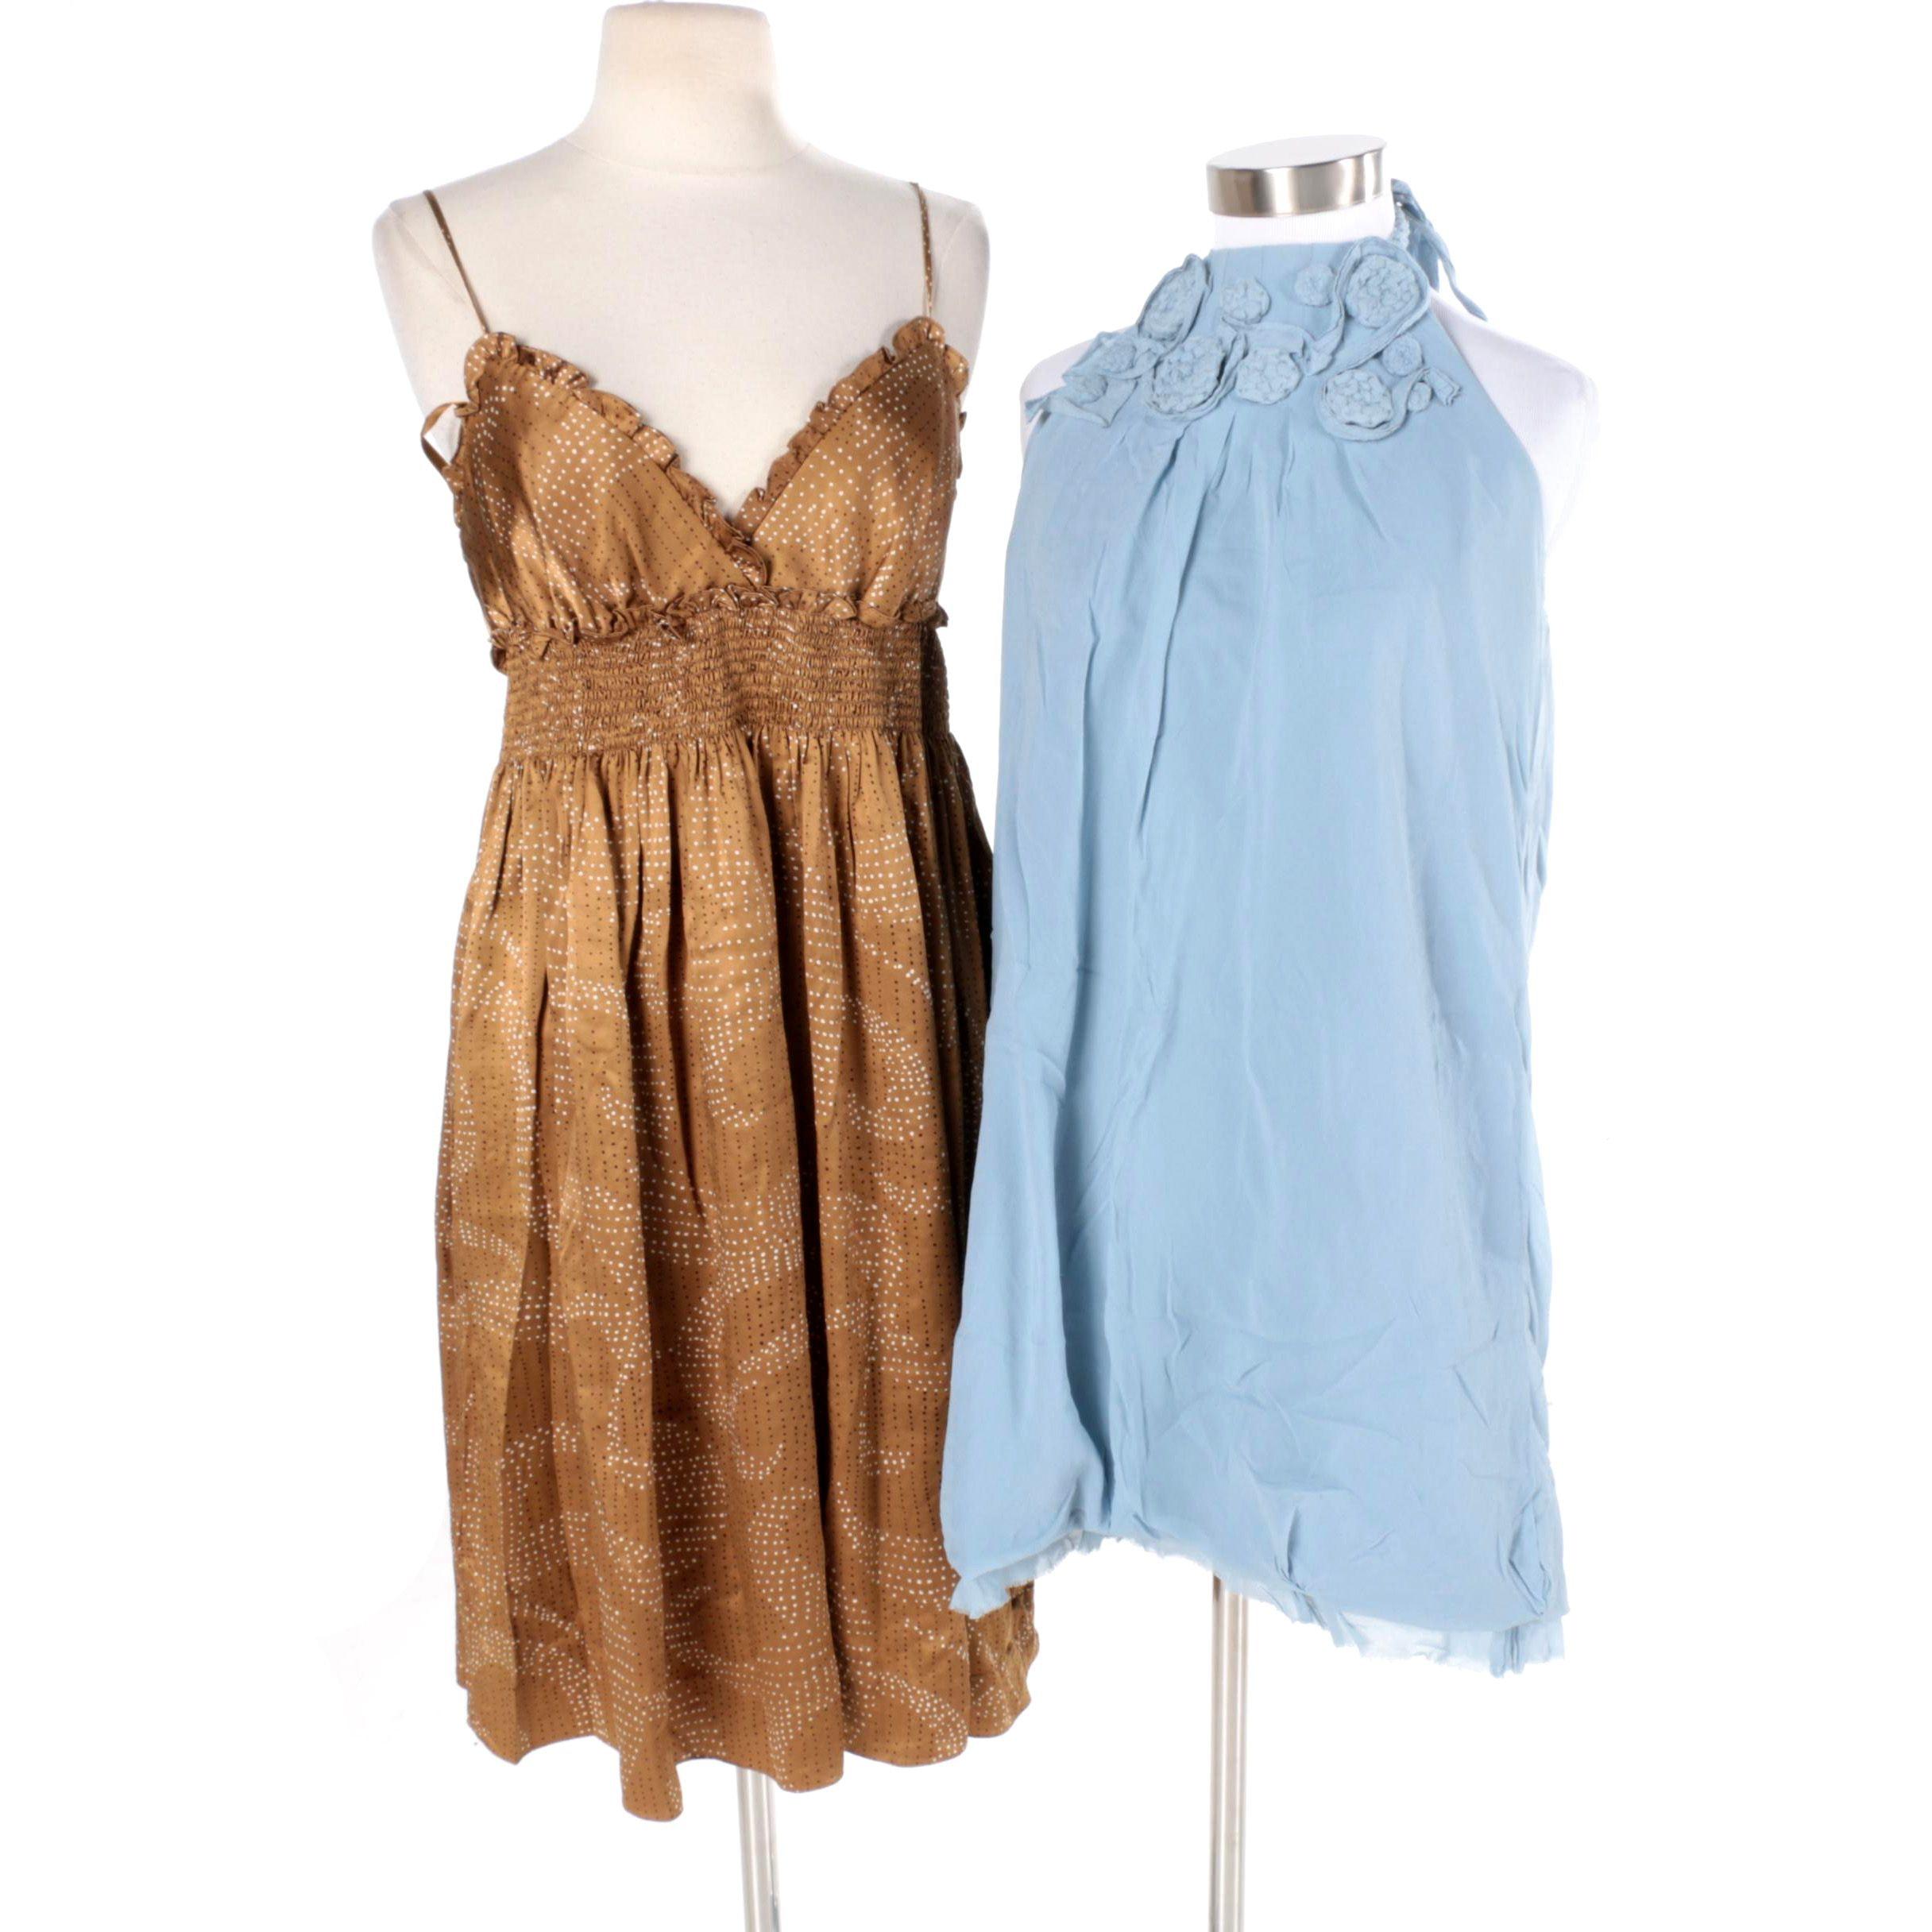 BCBG Max Azria Dresses